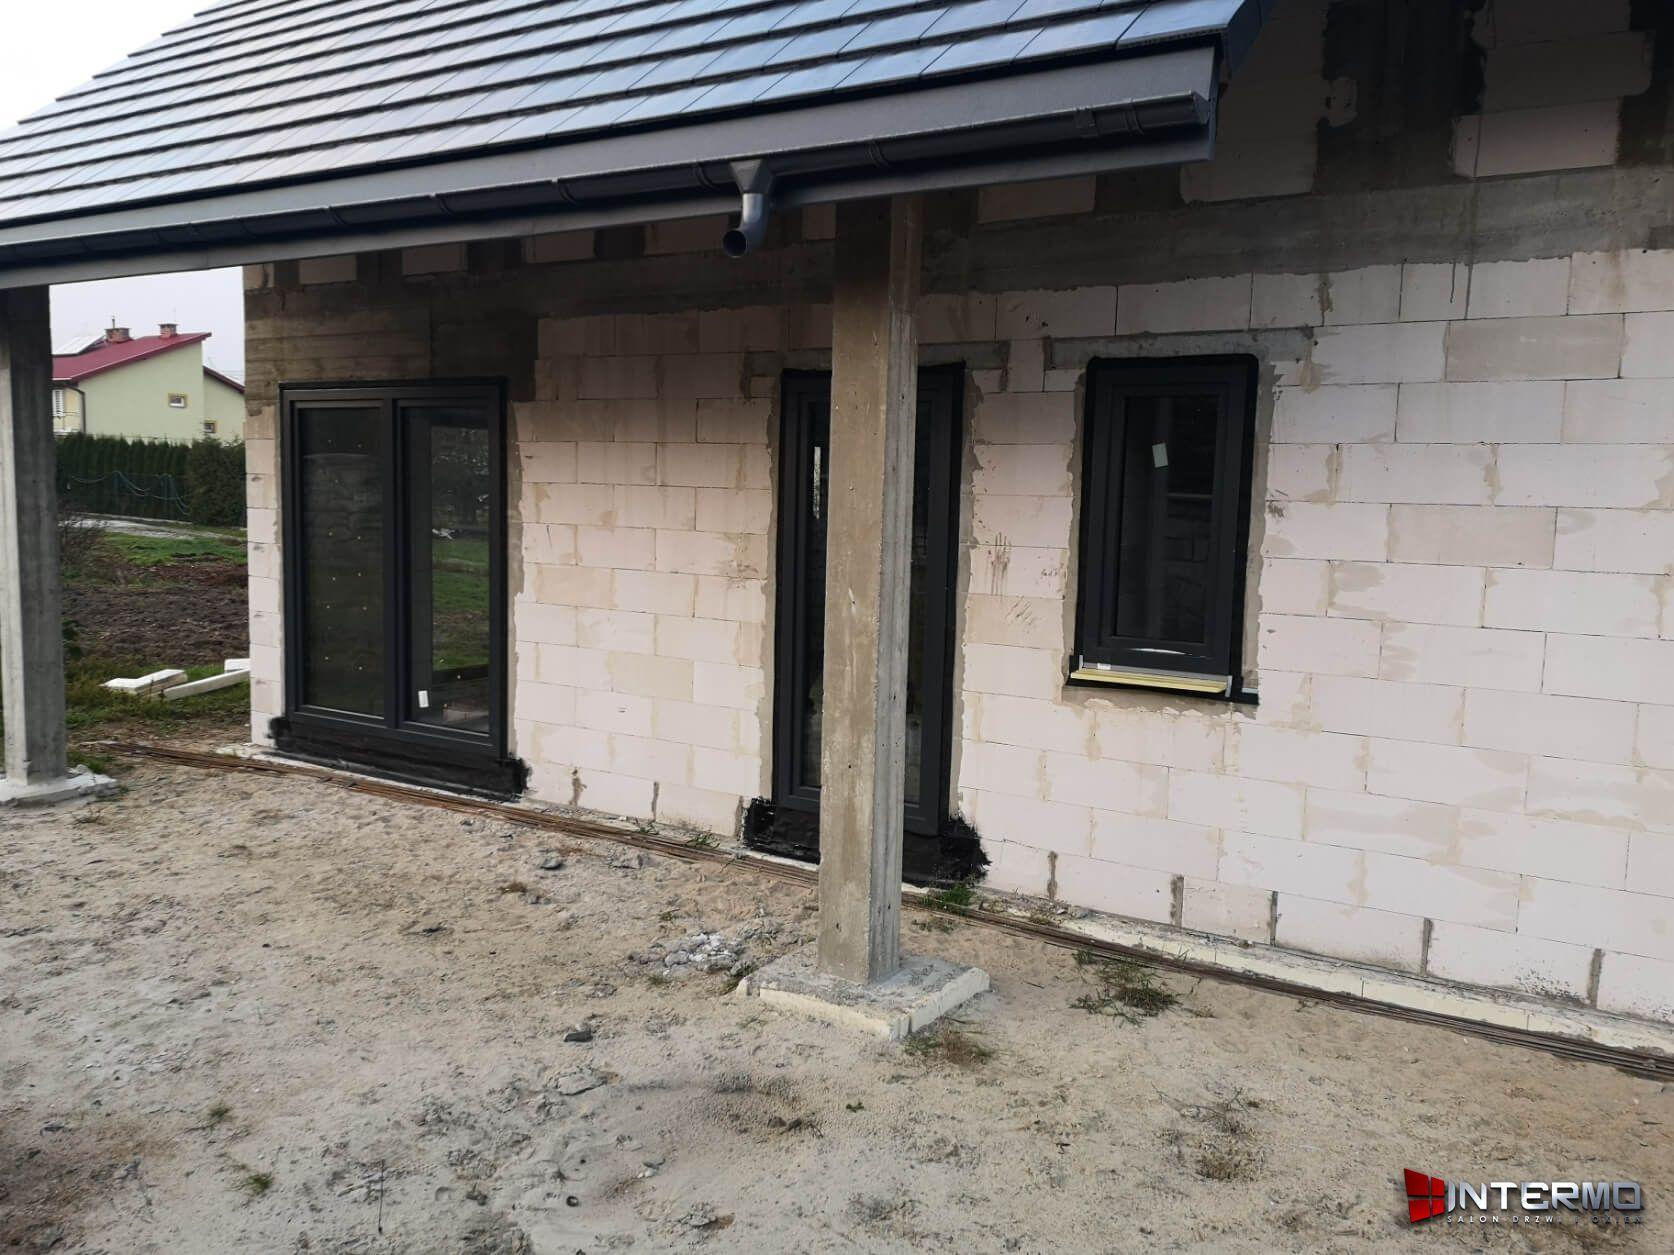 Drzwi tarasowe obok okna